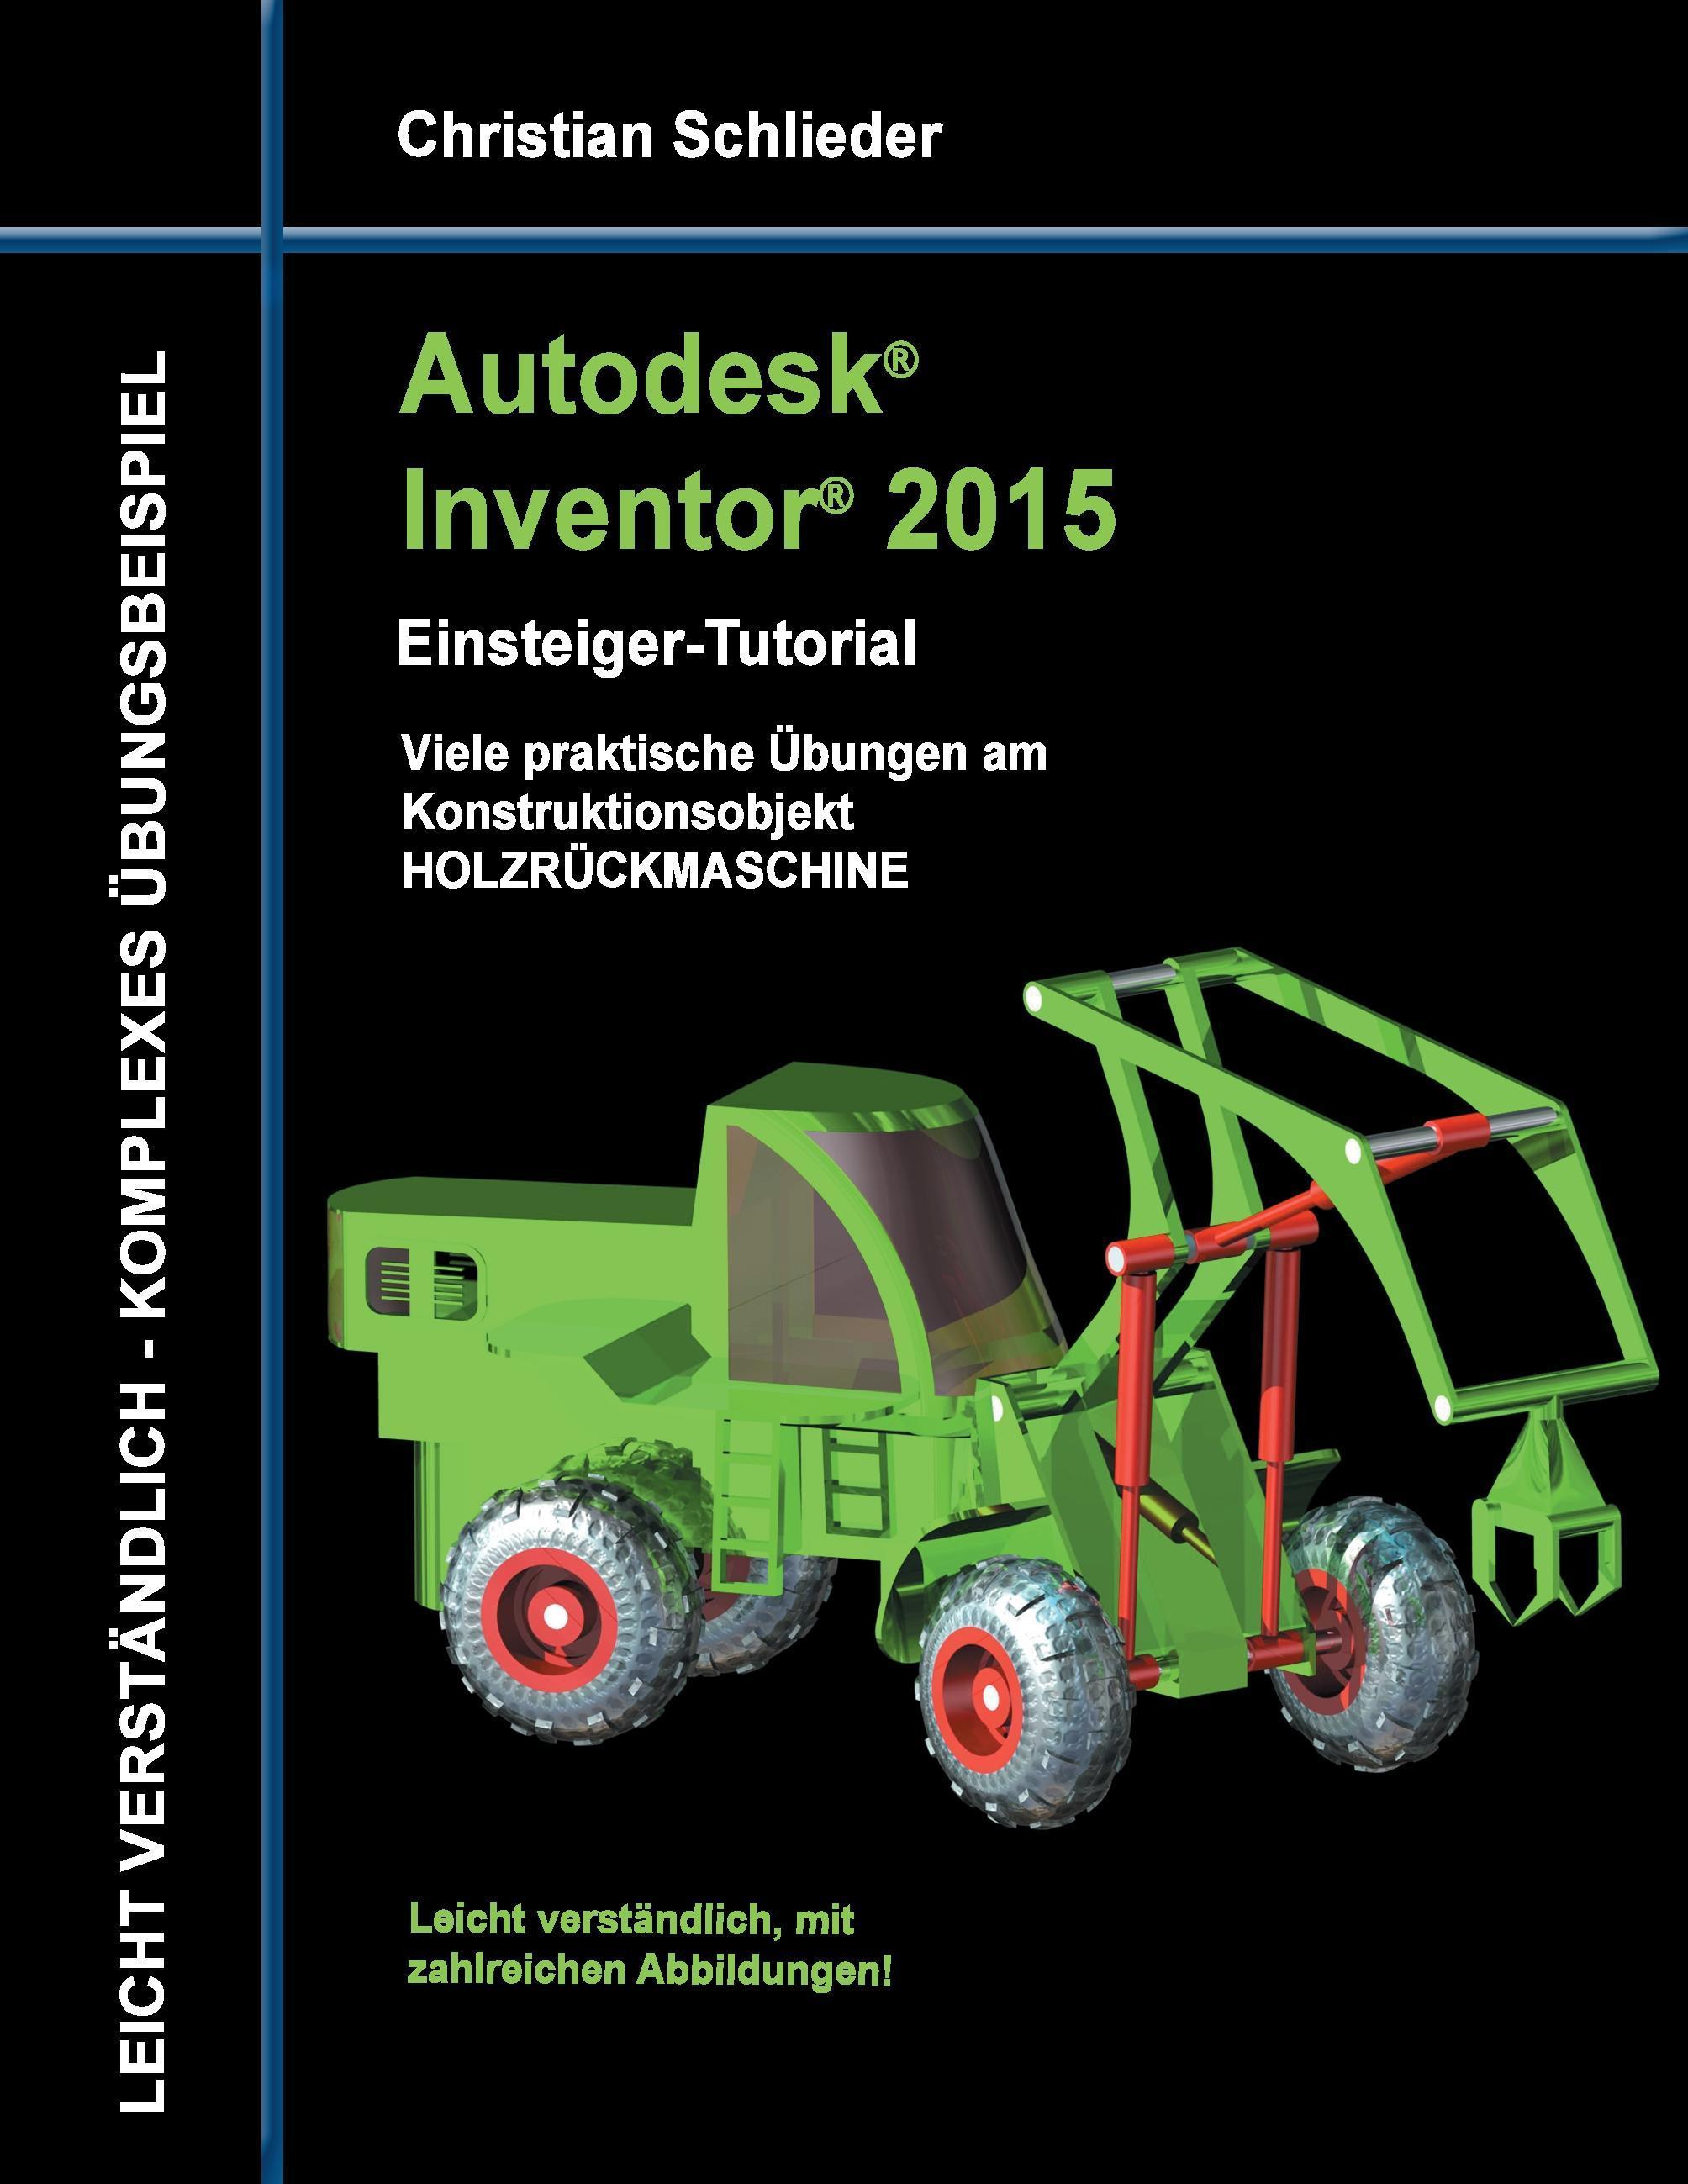 Autodesk Inventor 2015 - Einsteiger-Tutorial Holzrückmaschine